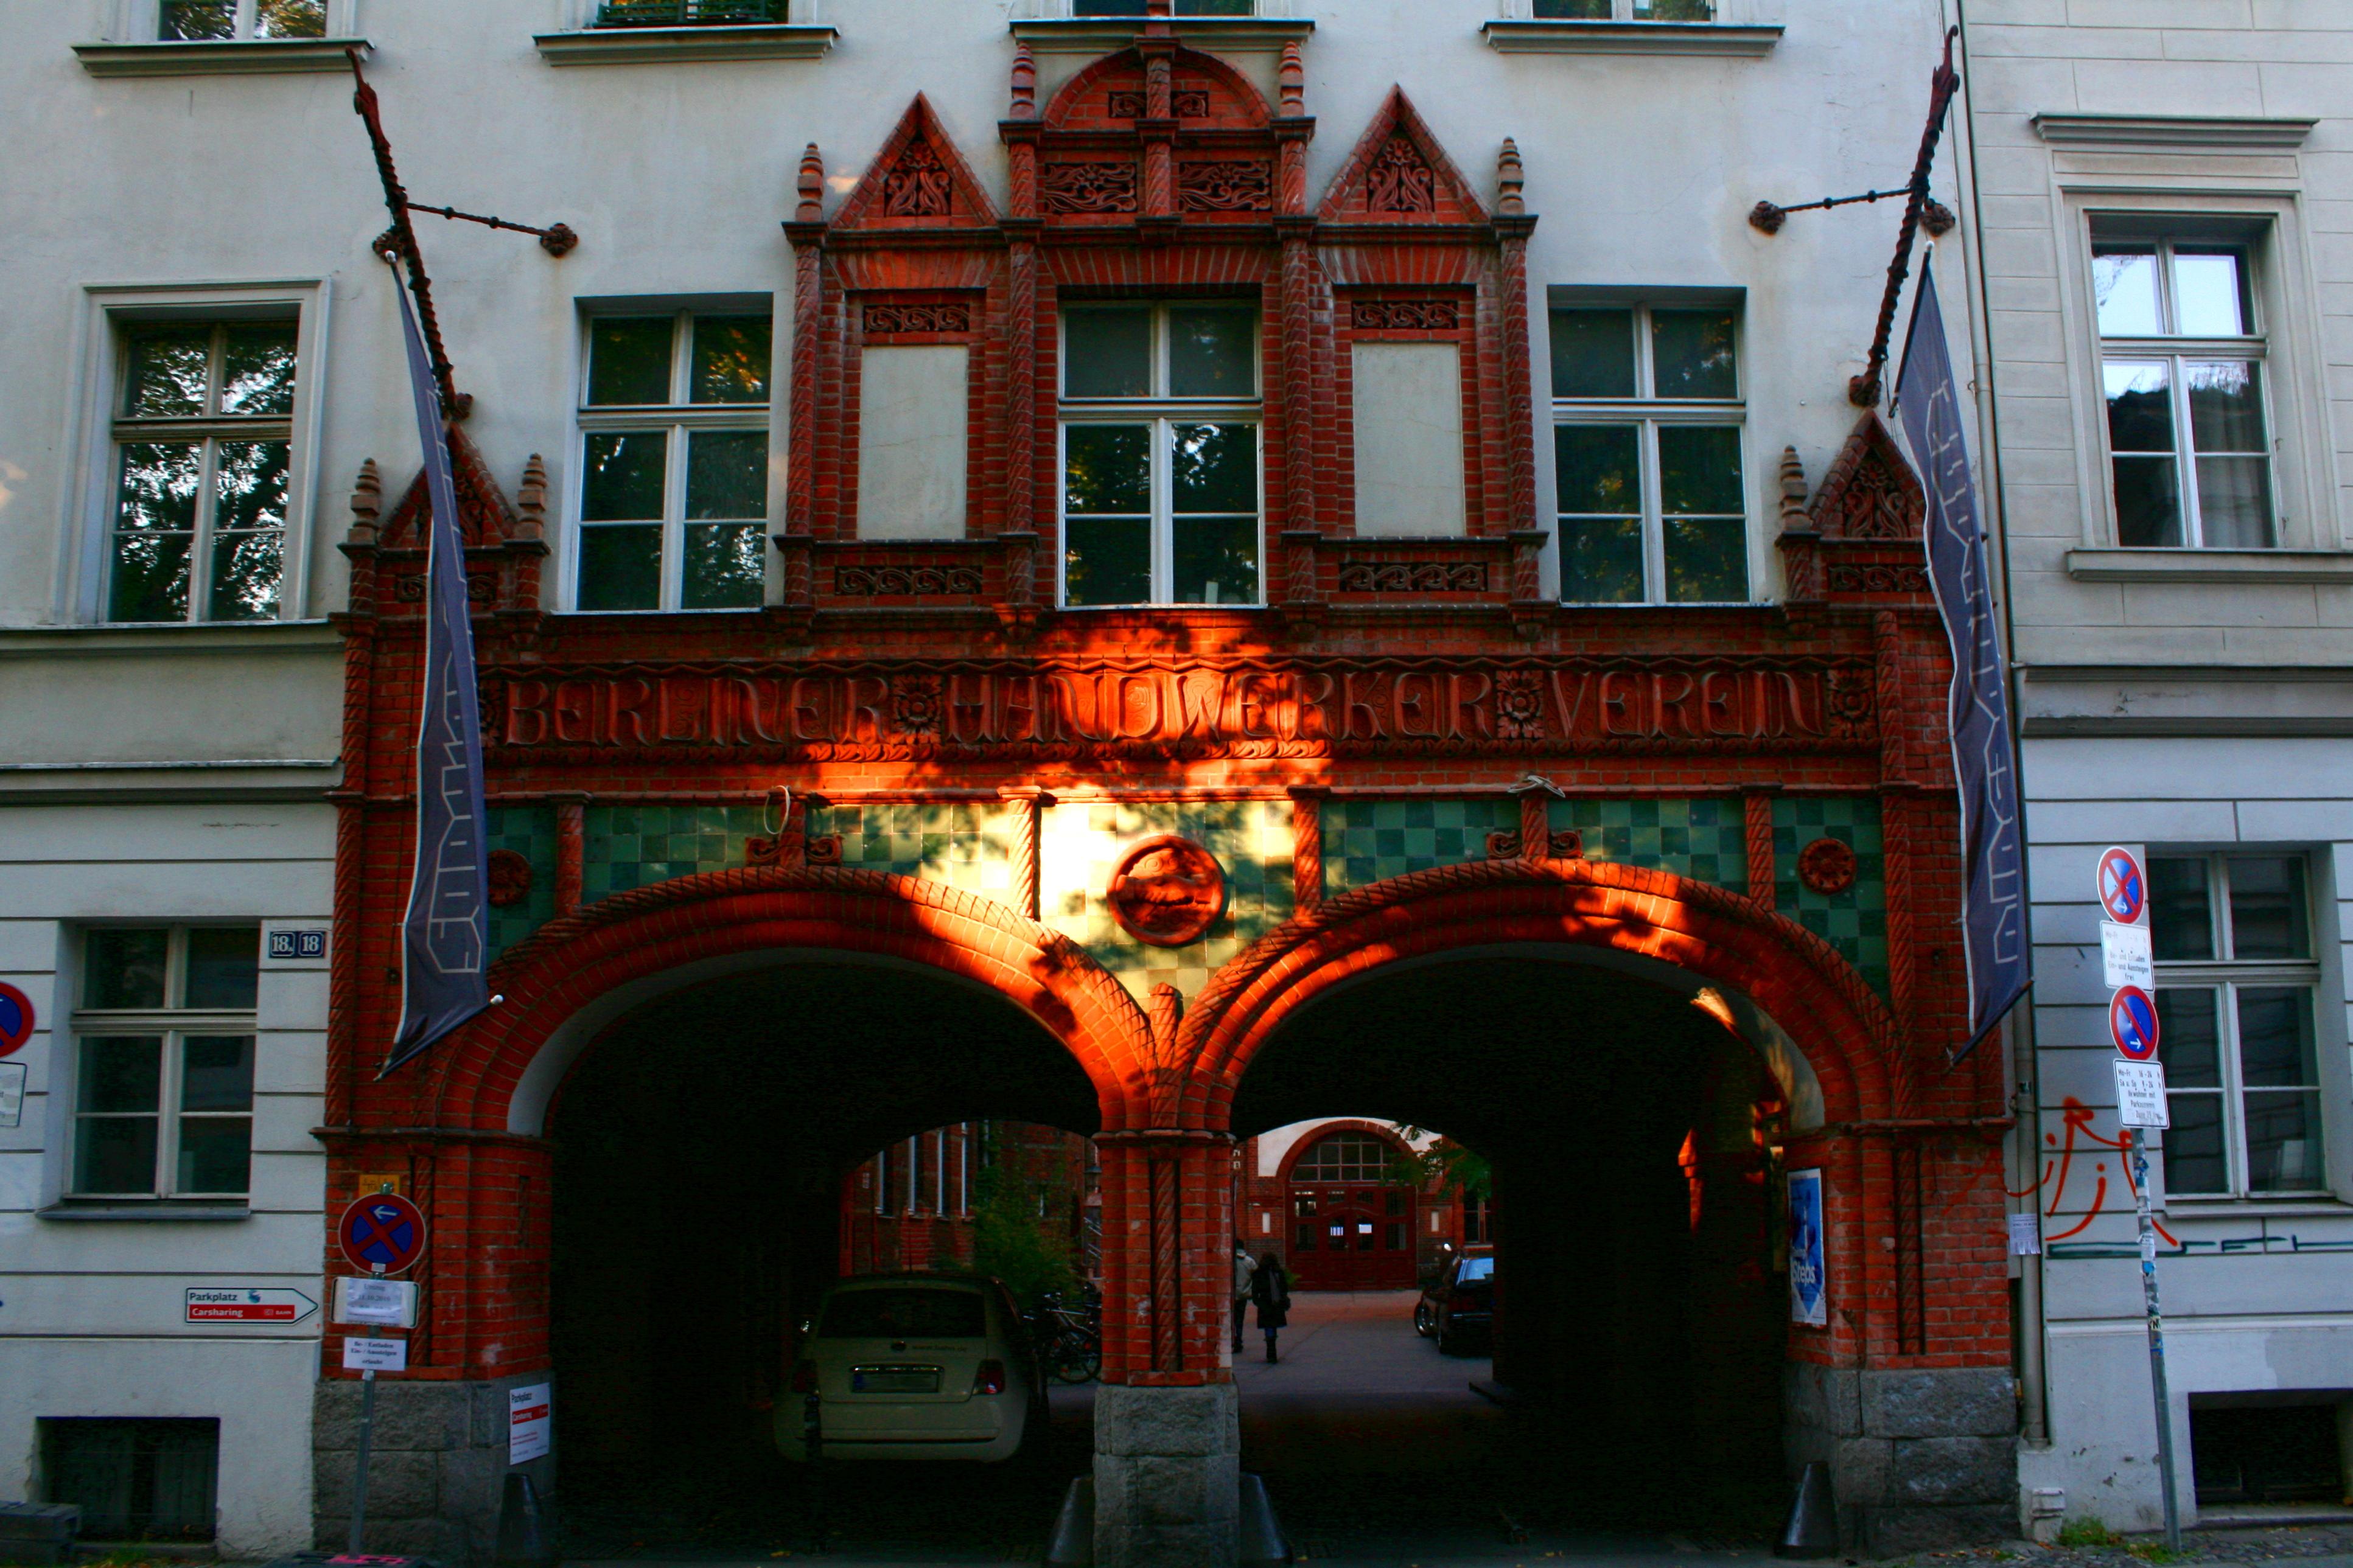 Handwerker Berlin file handwerkervereinshaus sophiensaele berlin jpg wikimedia